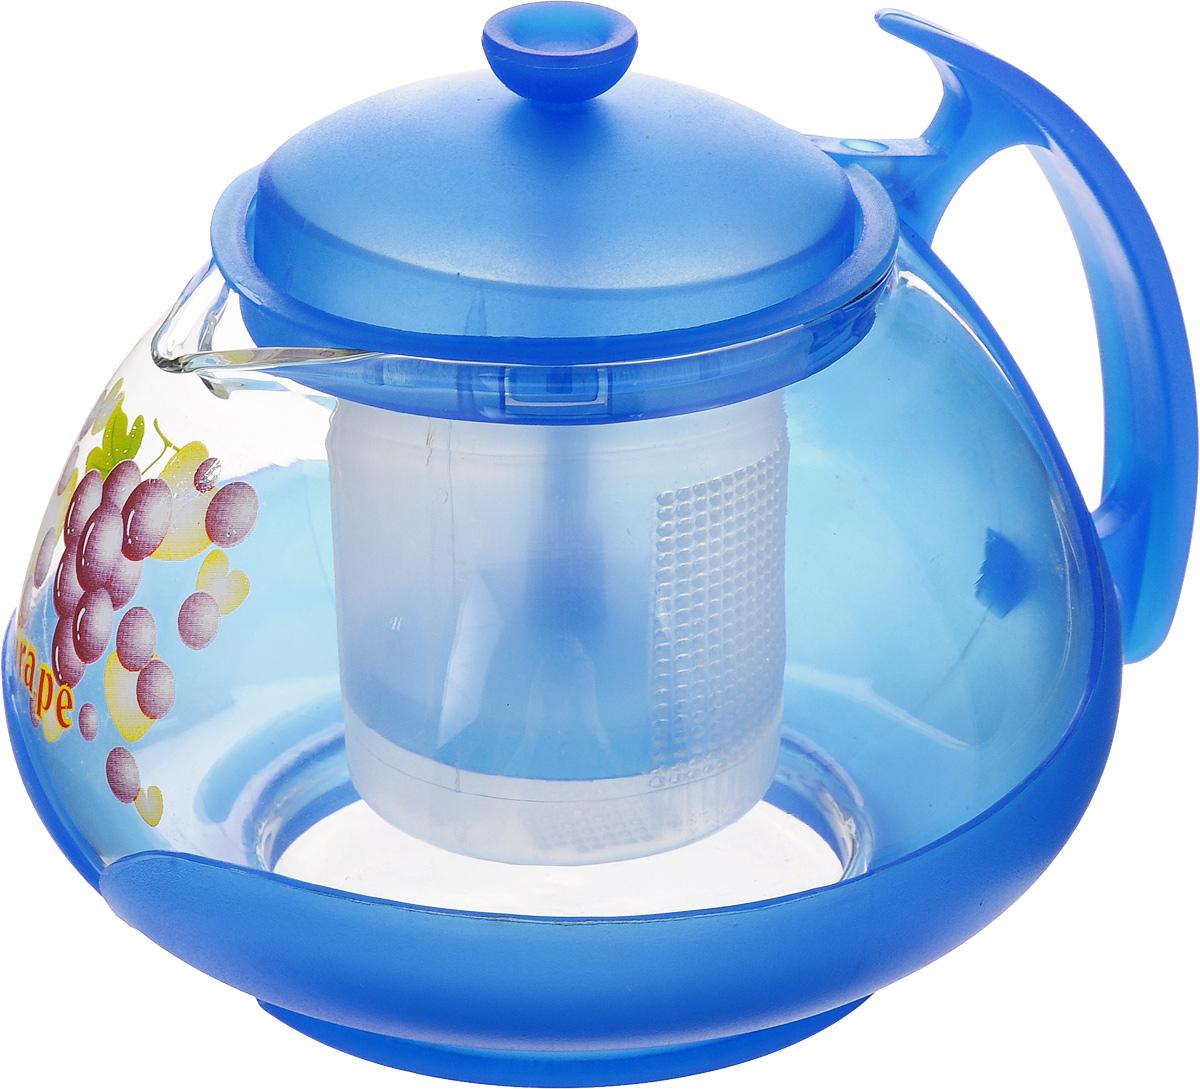 Чайник заварочный Mayer & Boch, с фильтром, цвет: прозрачный, синий, 700 мл. 20222022_прозрачный, синийЗаварочный чайник Mayer & Boch изготовлен из жаропрочного стекла и полипропилена. Изделие оснащено сетчатым фильтром из пищевого полипропилена (пластика), который задерживает чаинки и предотвращает их попадание в чашку, а прозрачные стенки дадут возможность наблюдать за насыщением напитка.Чай в таком чайнике дольше остается горячим, а полезные и ароматические вещества полностью сохраняются в напитке. Диаметр чайника (по верхнему краю): 8 см.Высота чайника (без учета крышки): 9,5 см.Высота фильтра: 6,5 см.